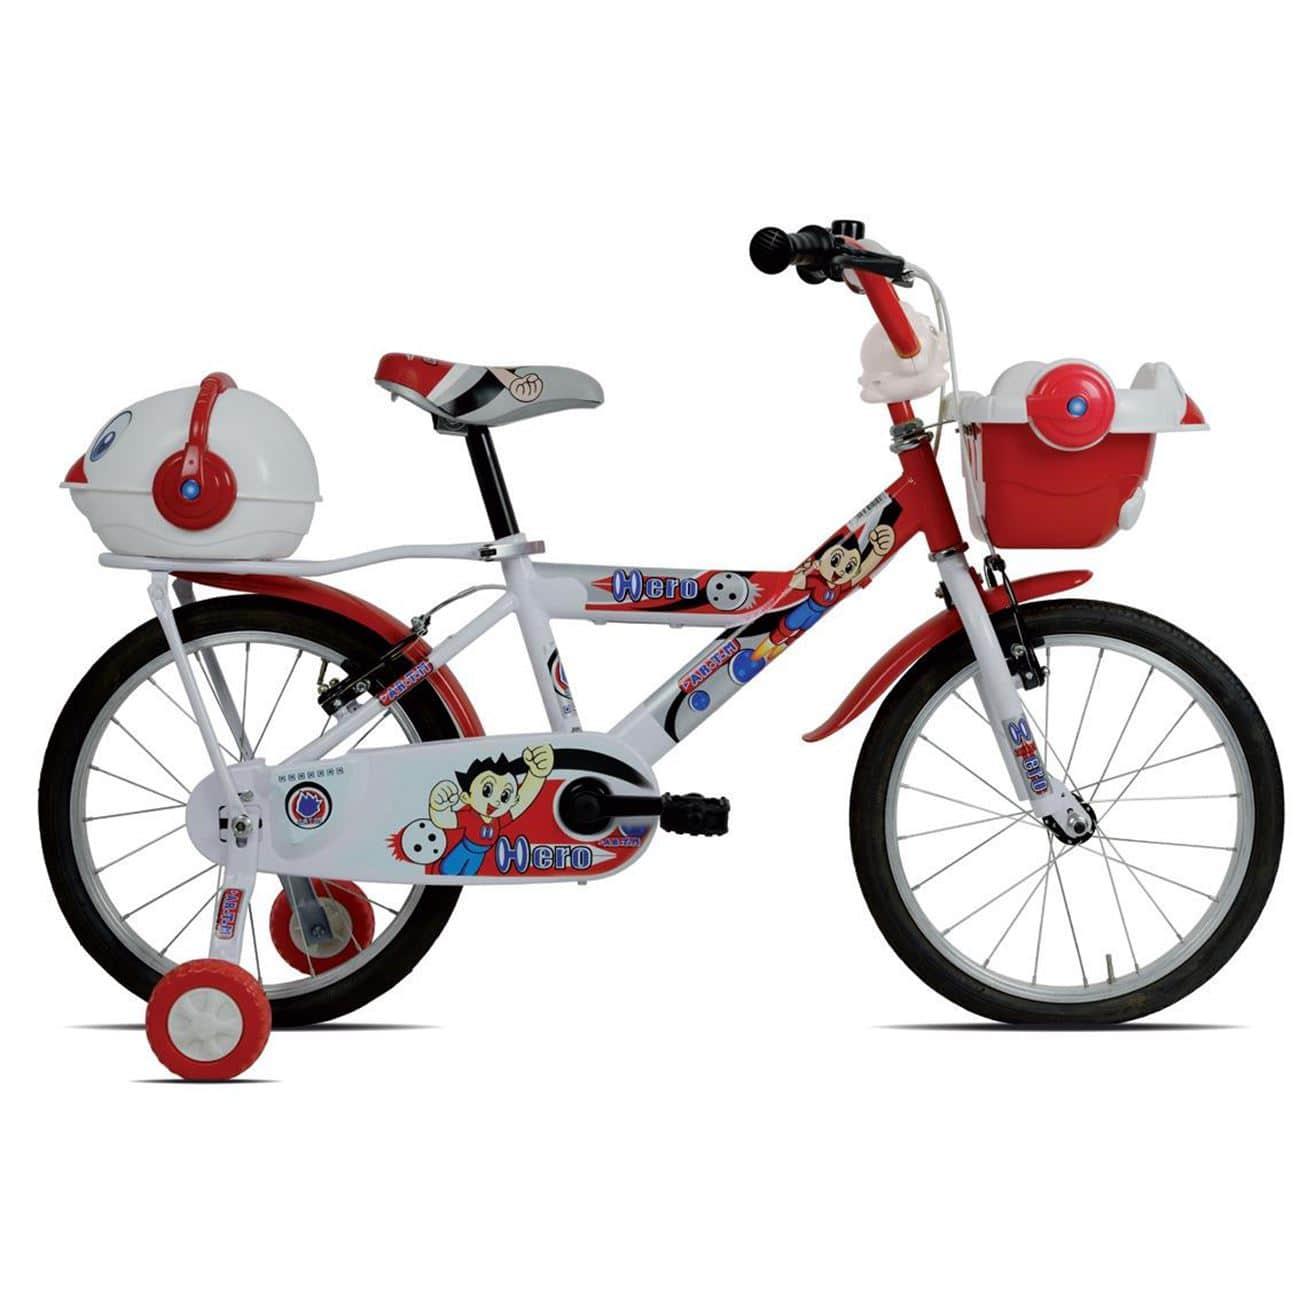 """Παιδικό Ποδήλατο Esperia 18"""" - Παιδικά Ποδήλατα"""